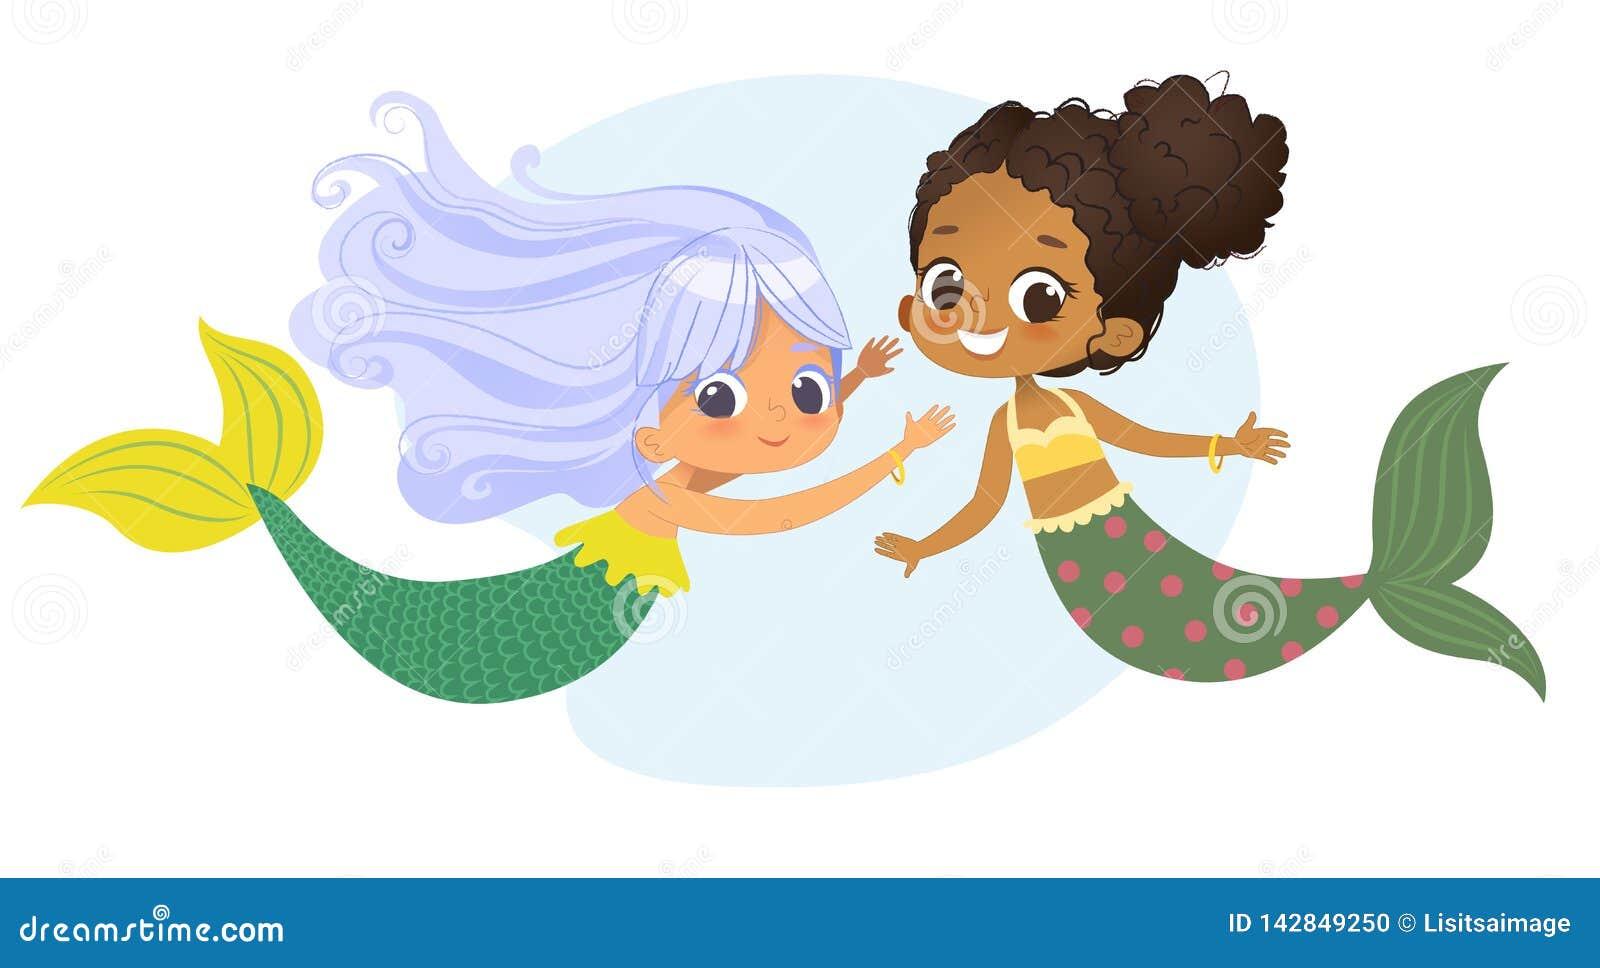 För teckenvän för sjöjungfru afrikansk Caucasian nymf Kvinnlig gullig mytologiprinsessa för ung undervattens- afrikansk amerikan